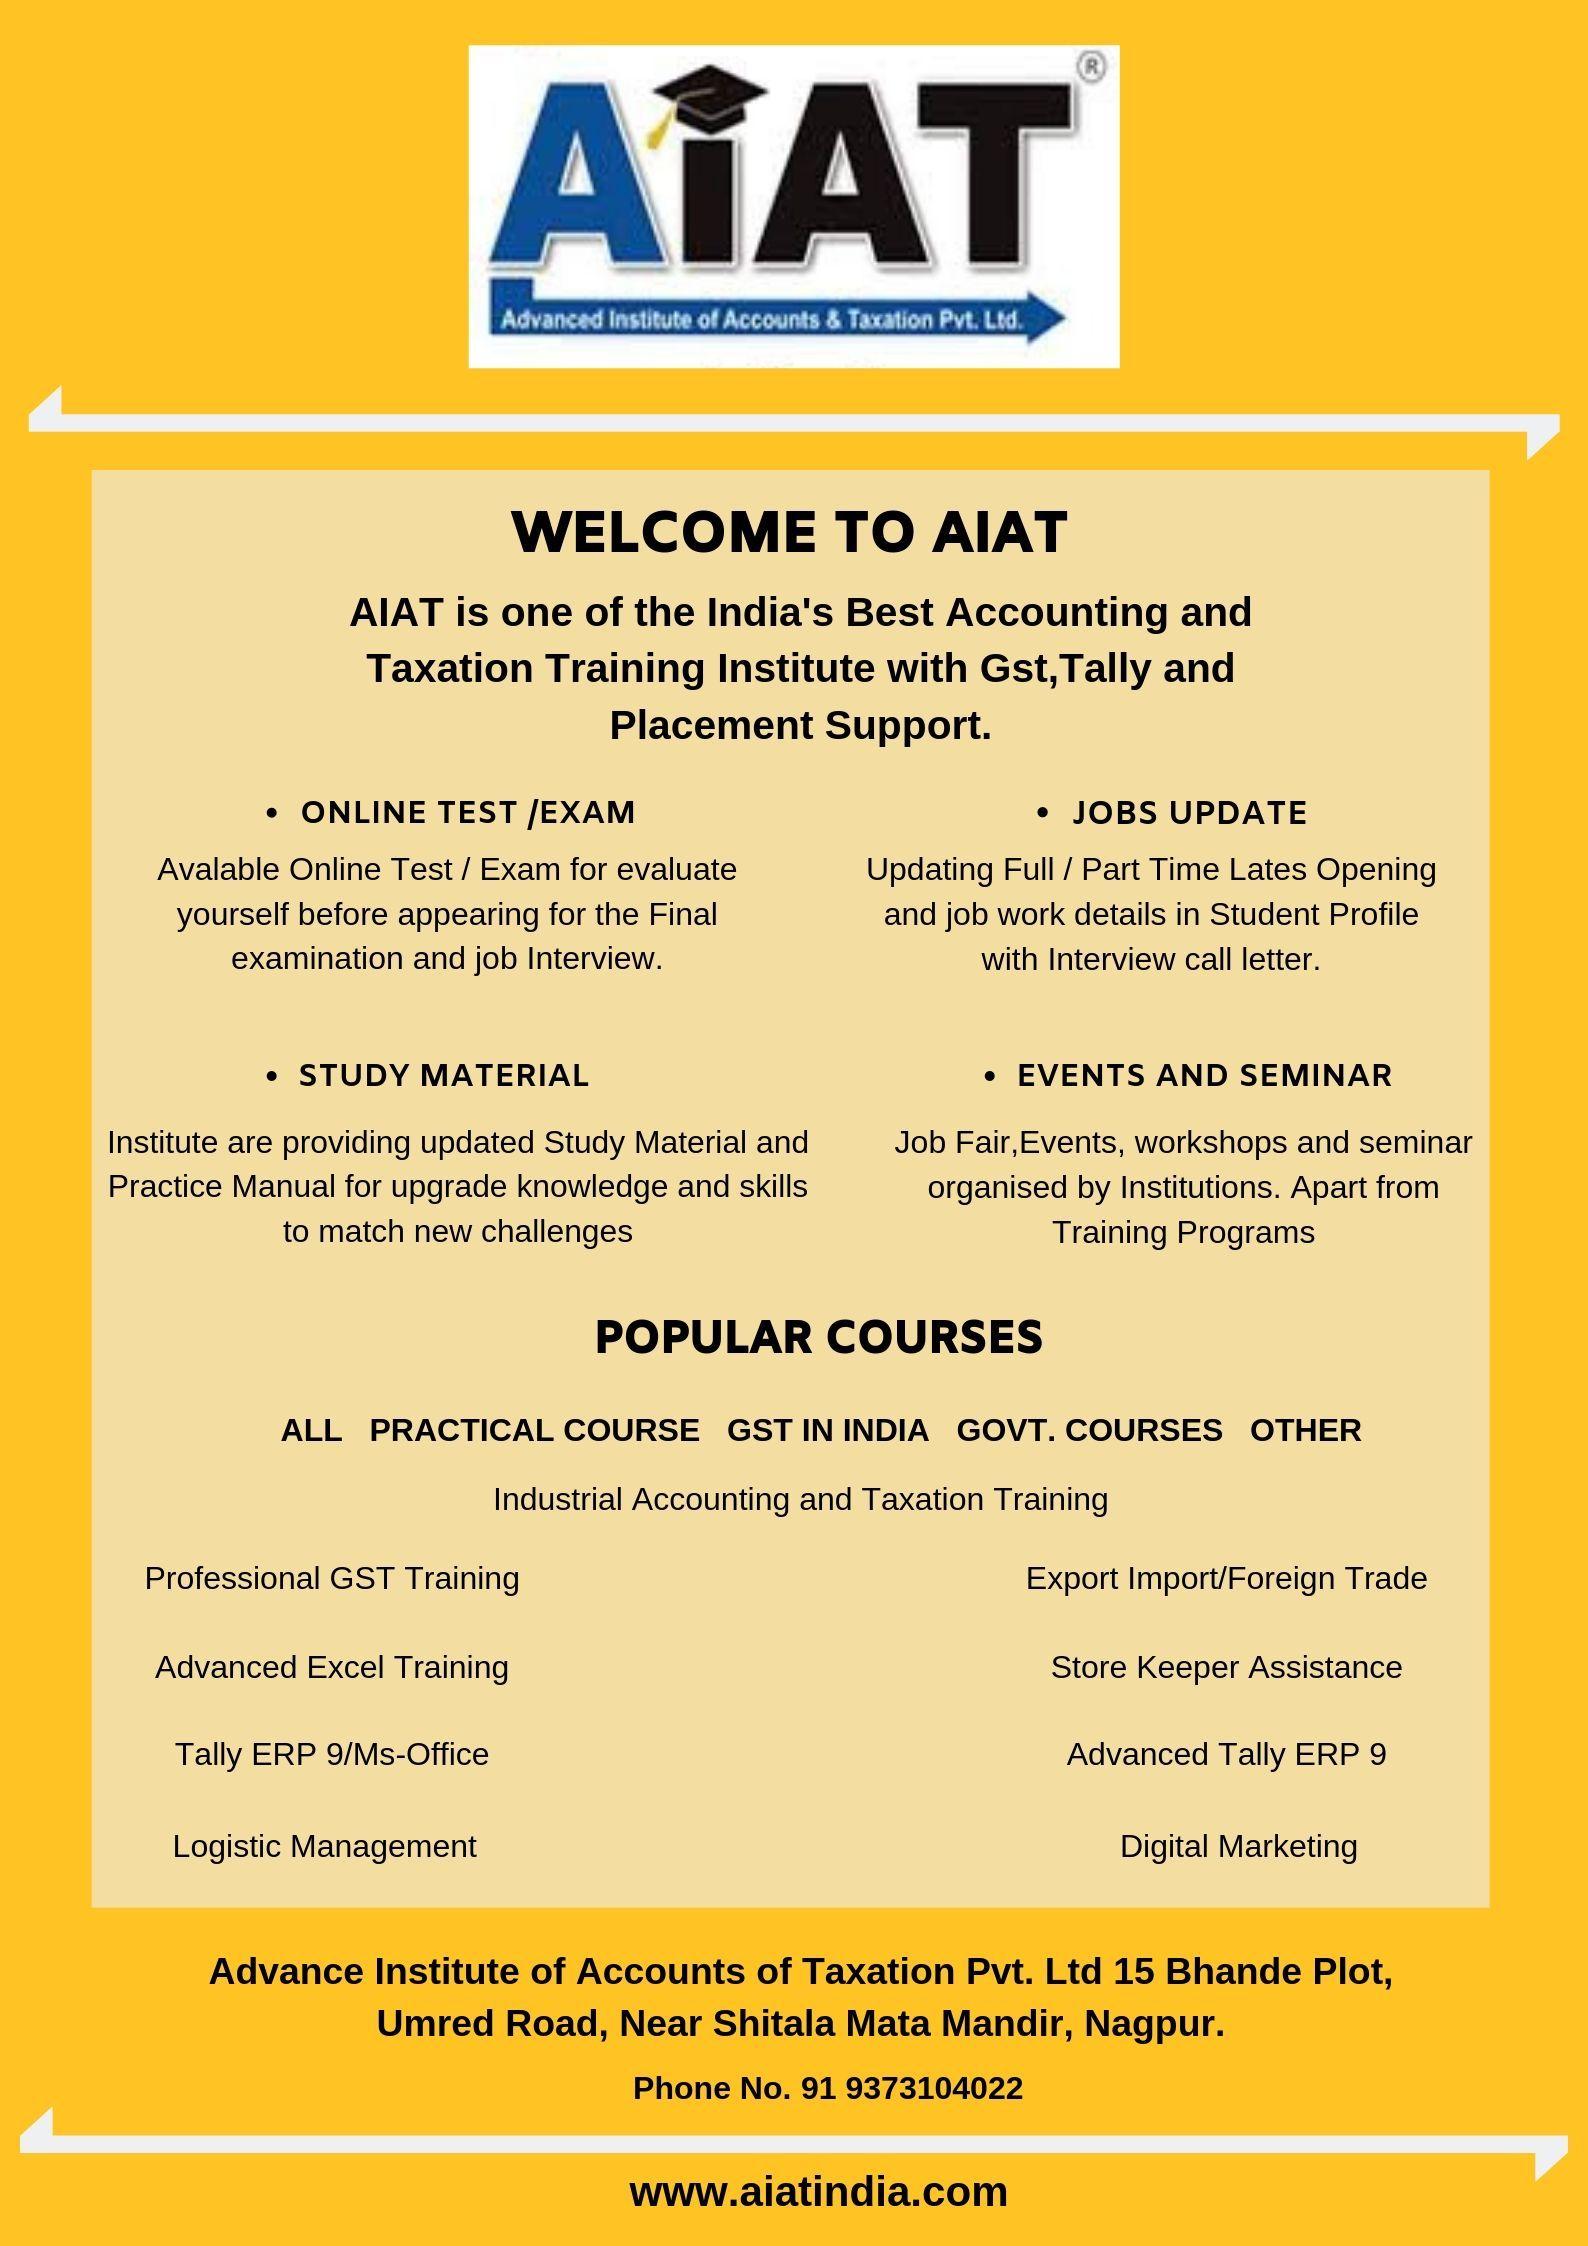 Pin on AIAT Institute